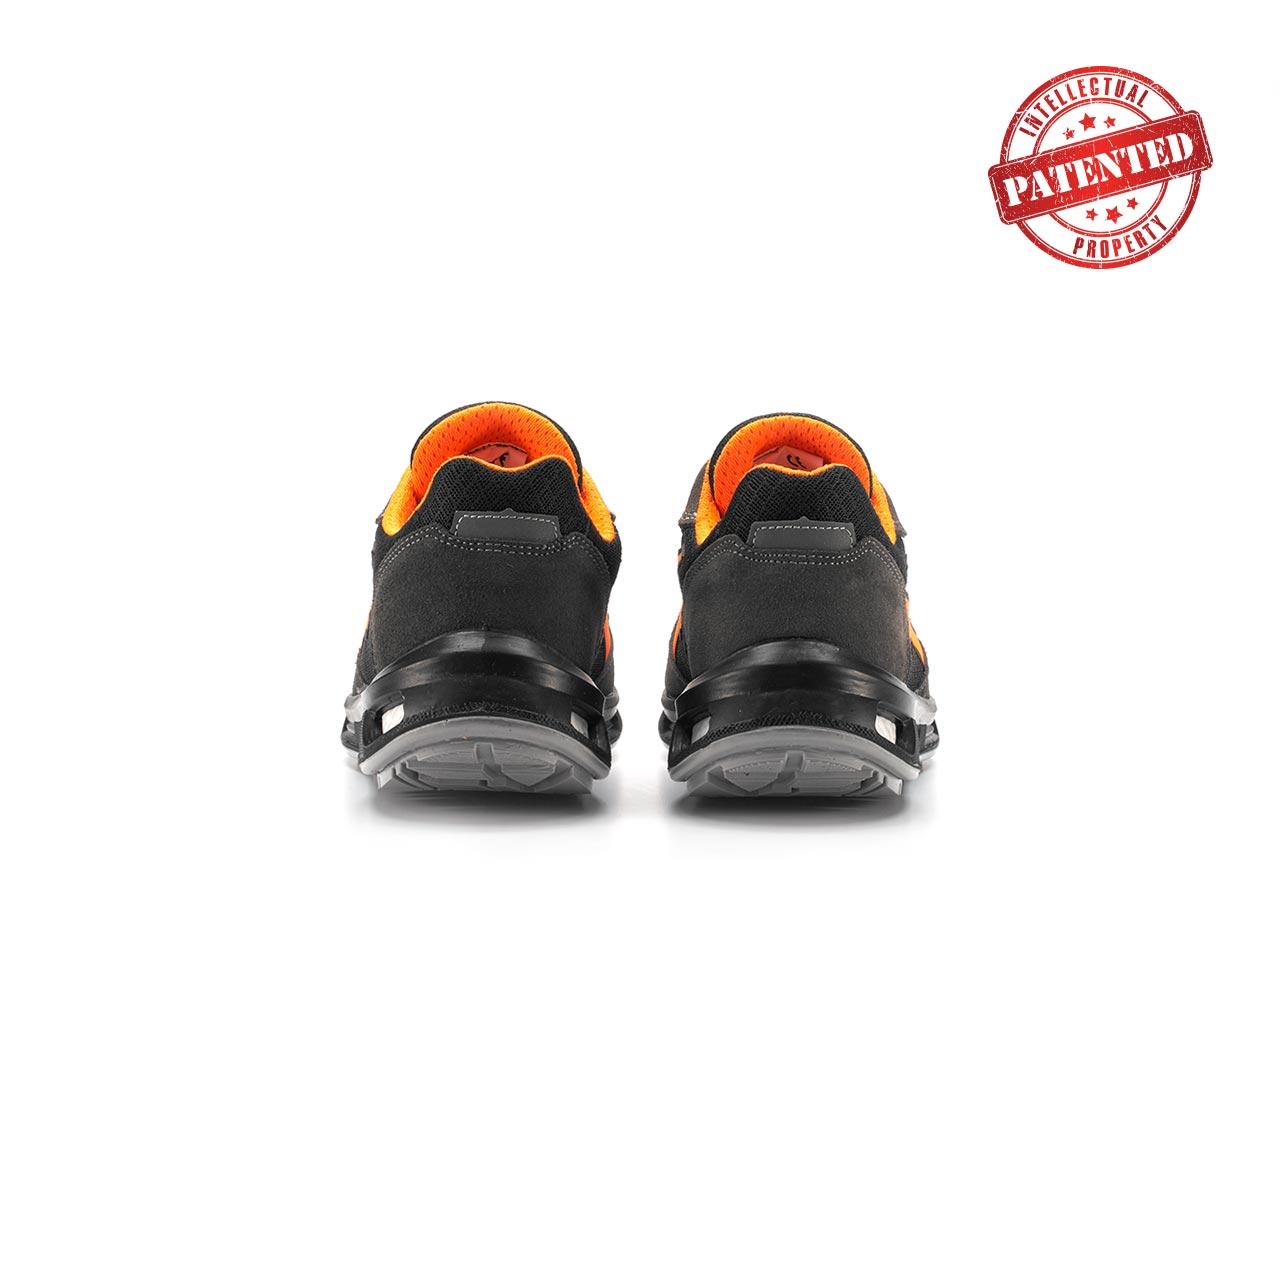 paio di scarpe antinfortunistiche upower modello orange linea redlion vista retro